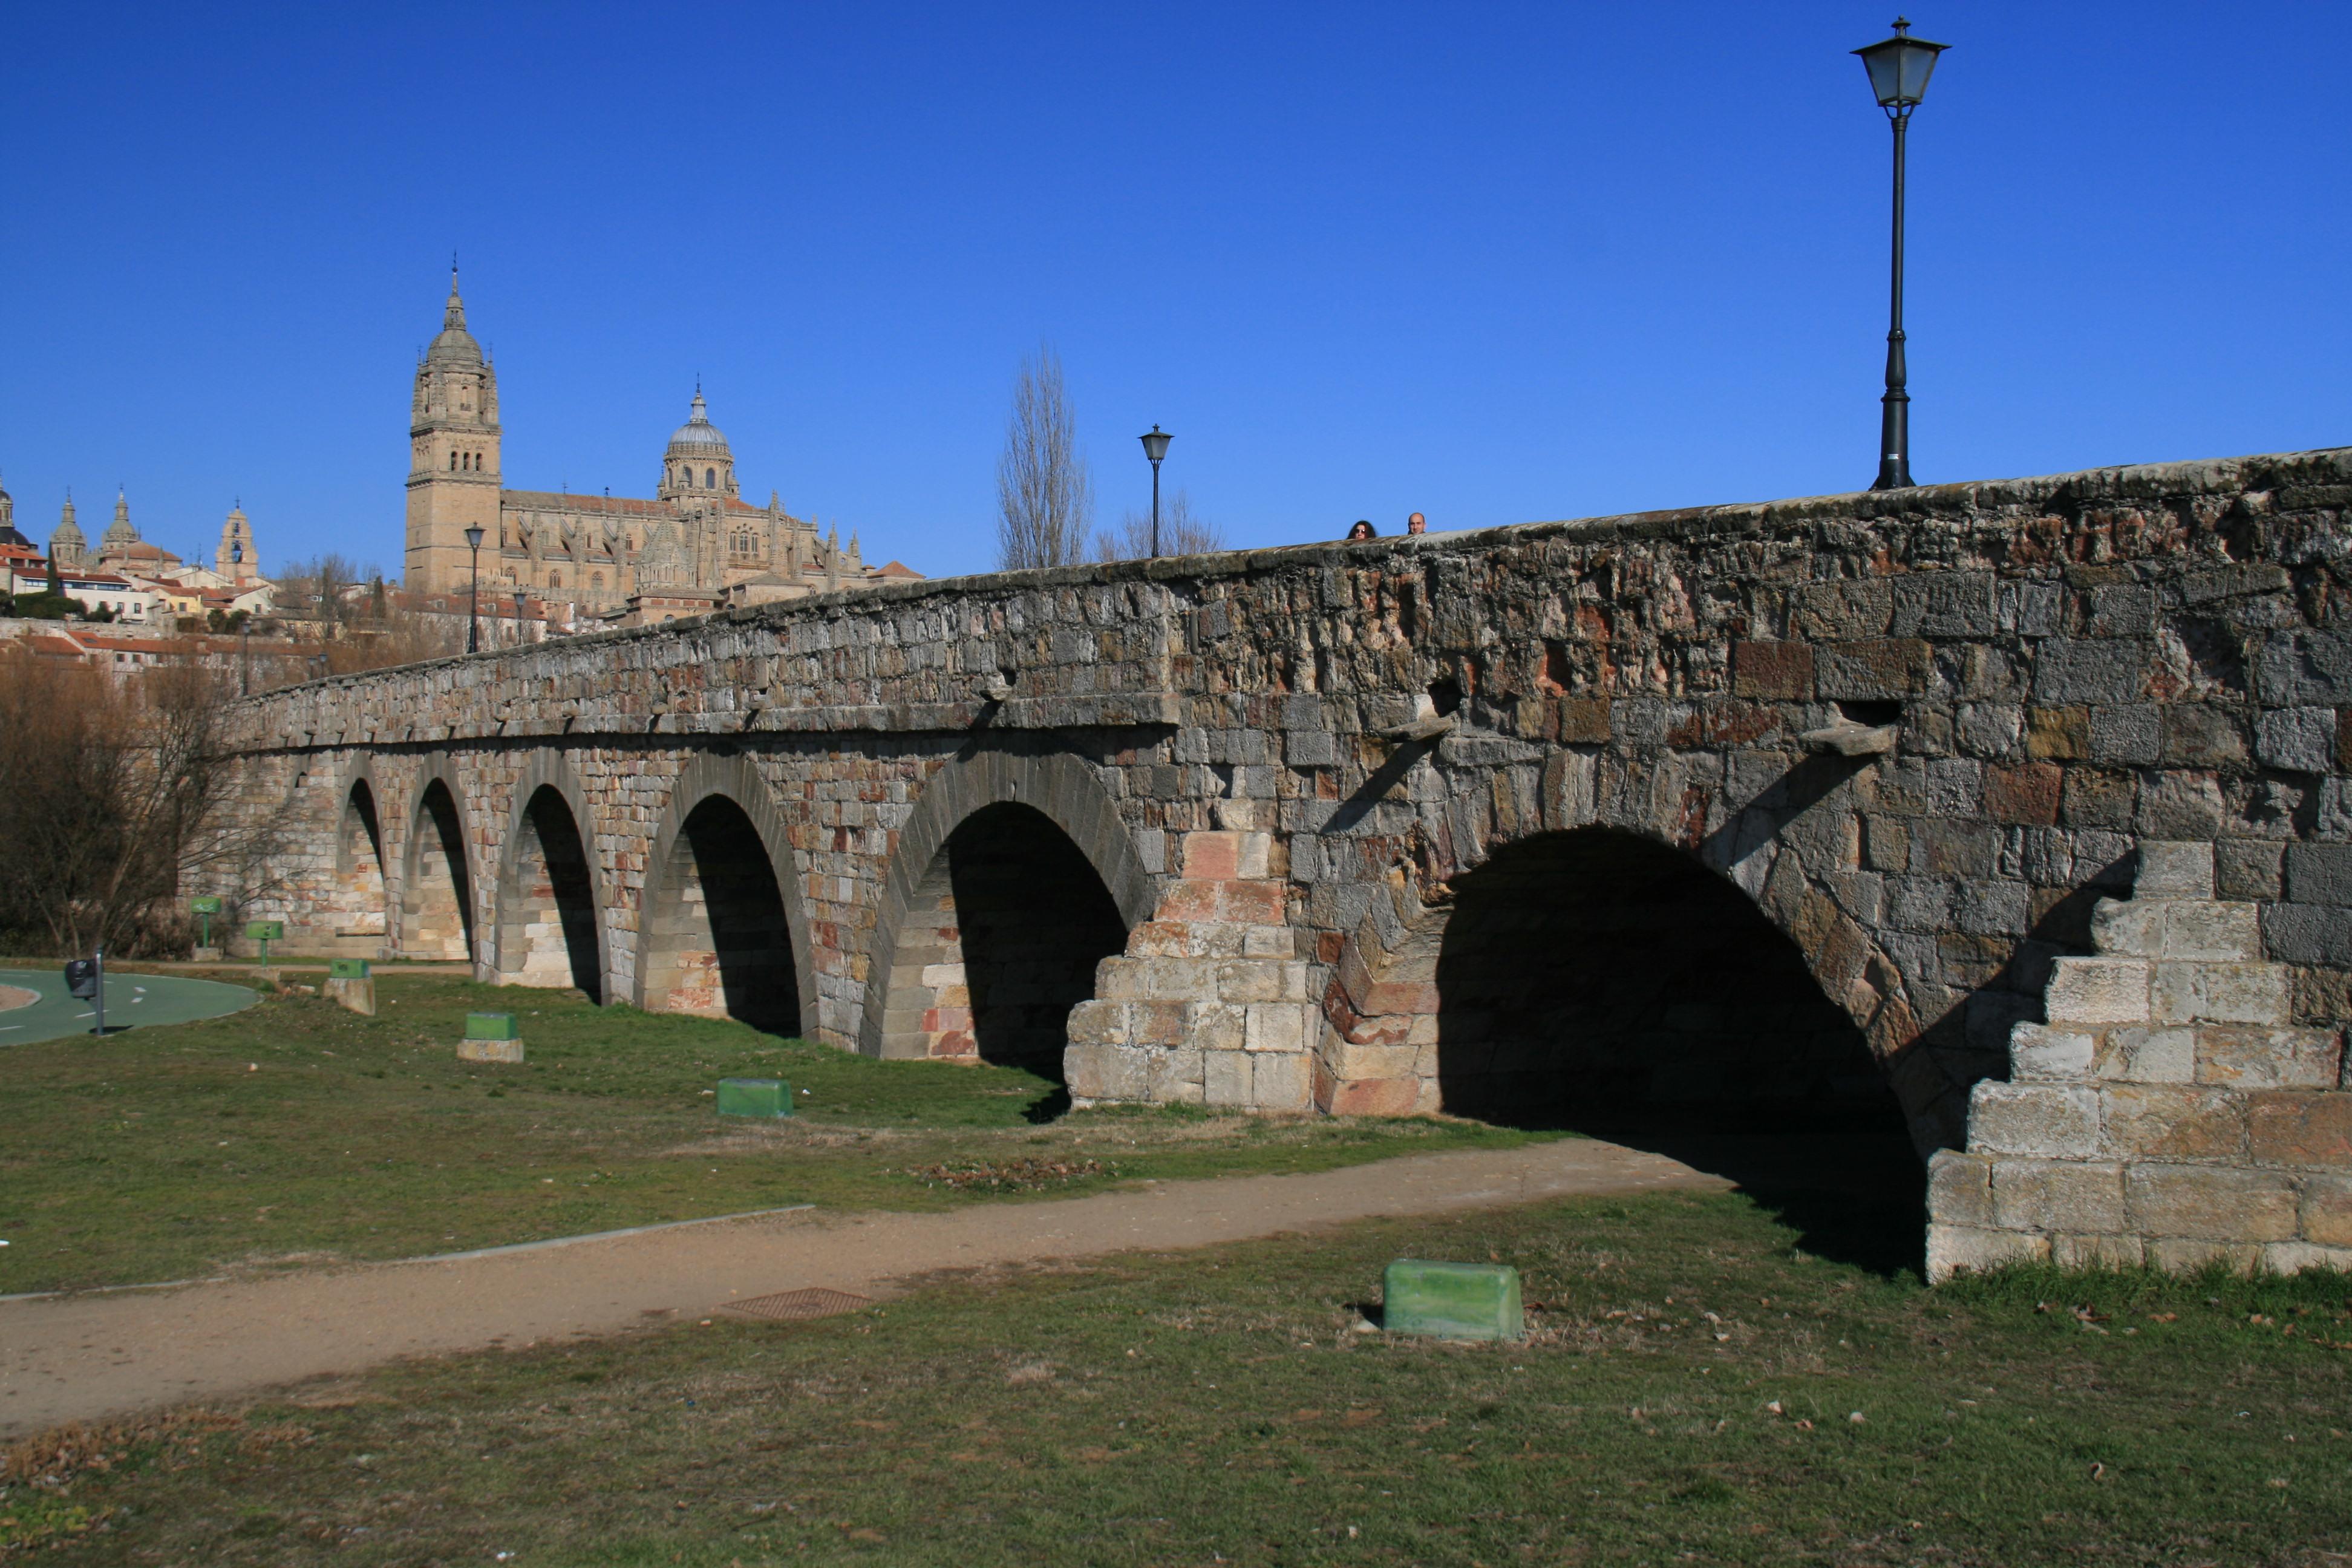 Puente romano de Salamanca - Wikipedia, la enciclopedia libre